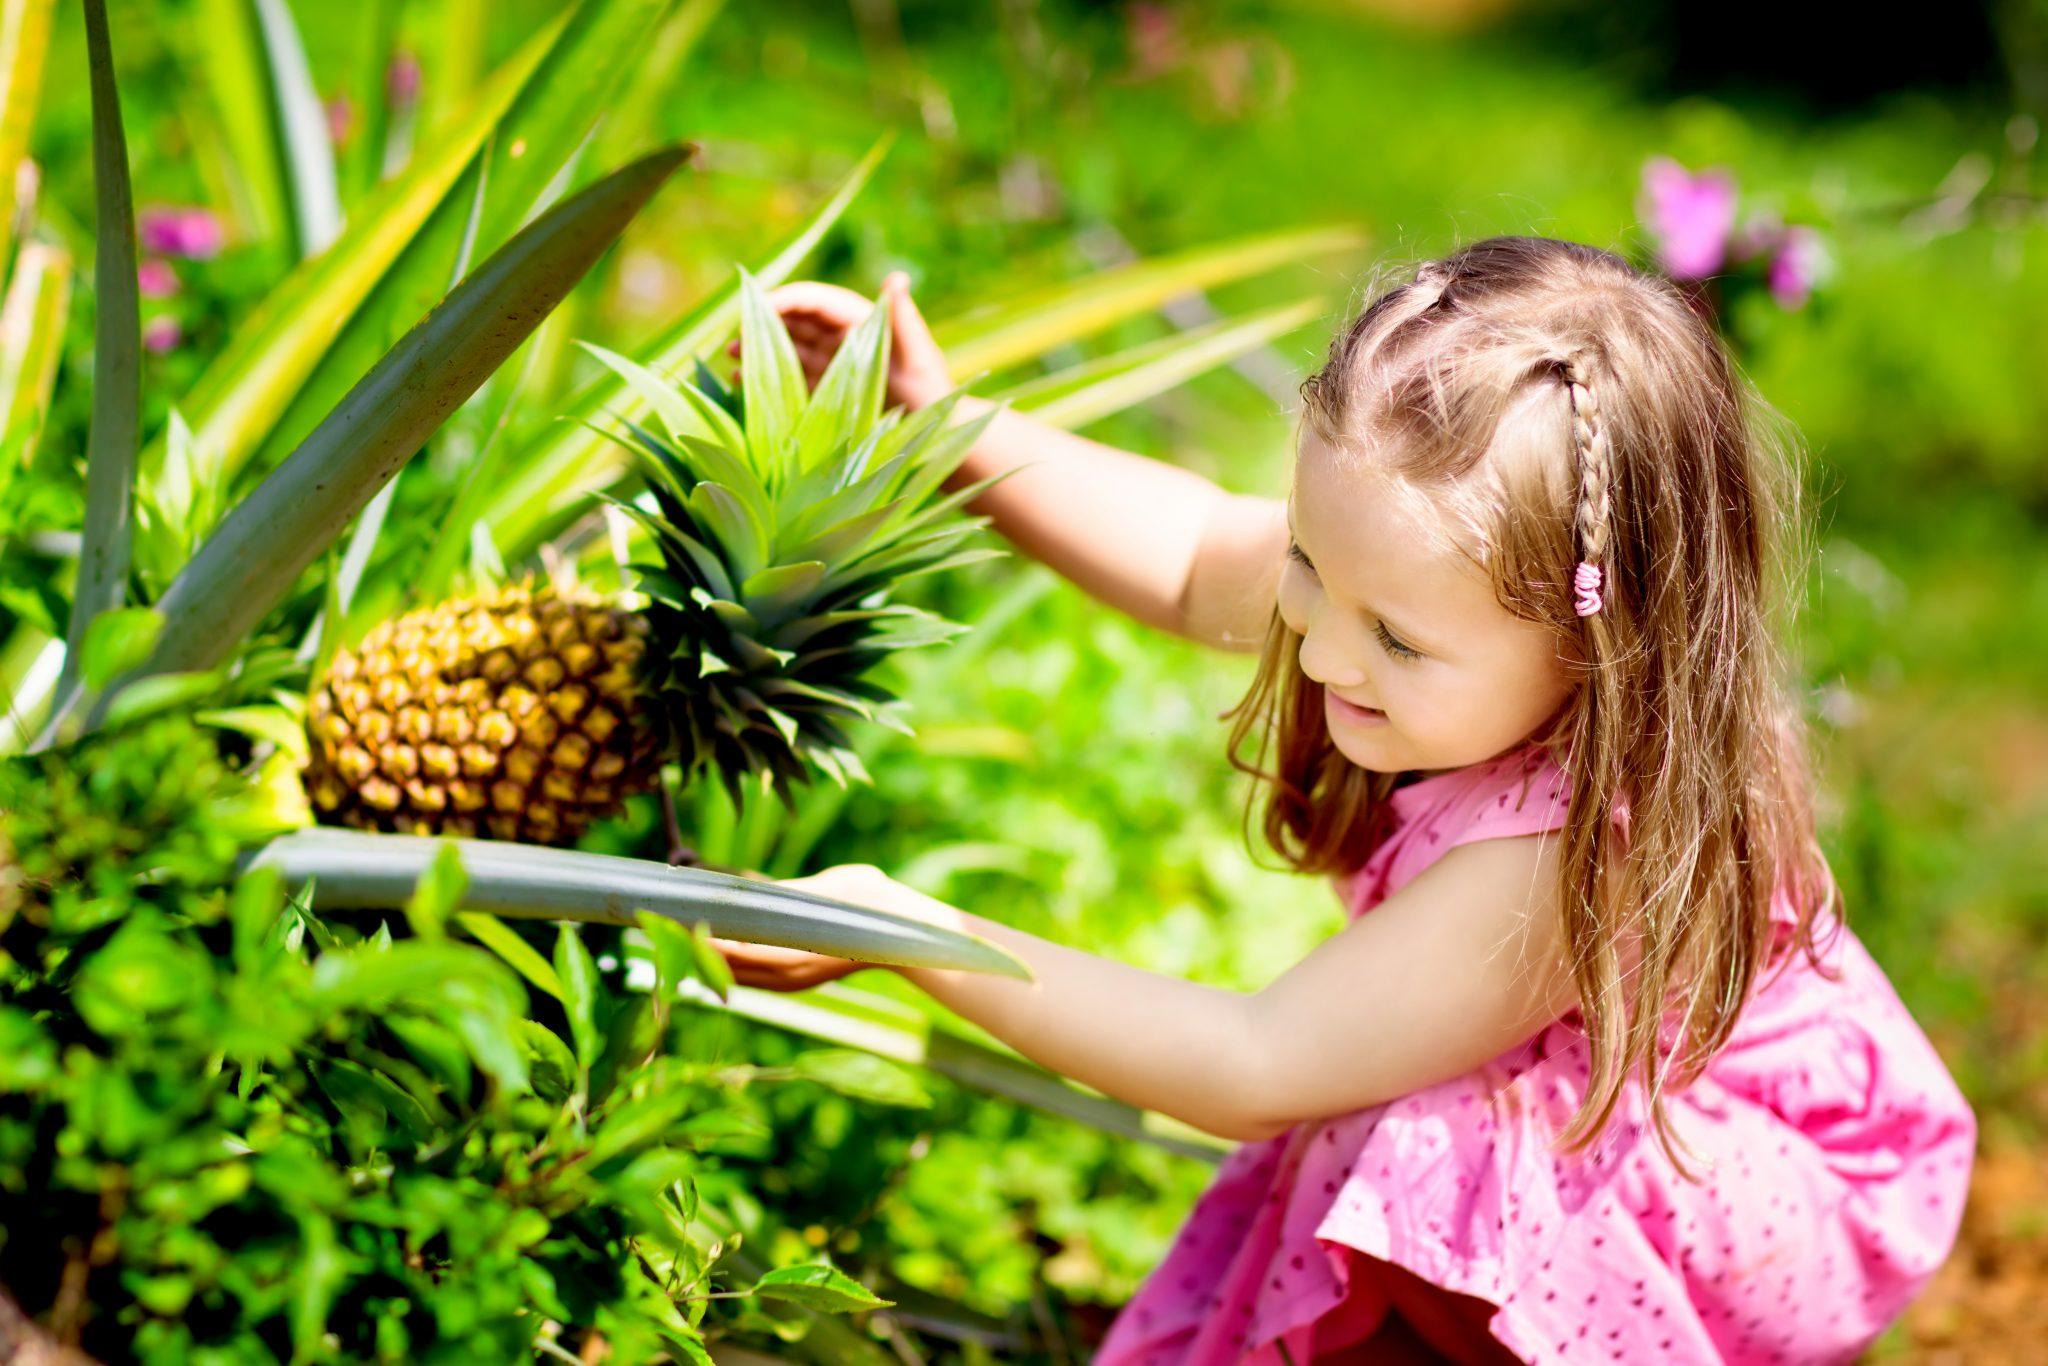 パイナップルを収穫しようとしている女の子